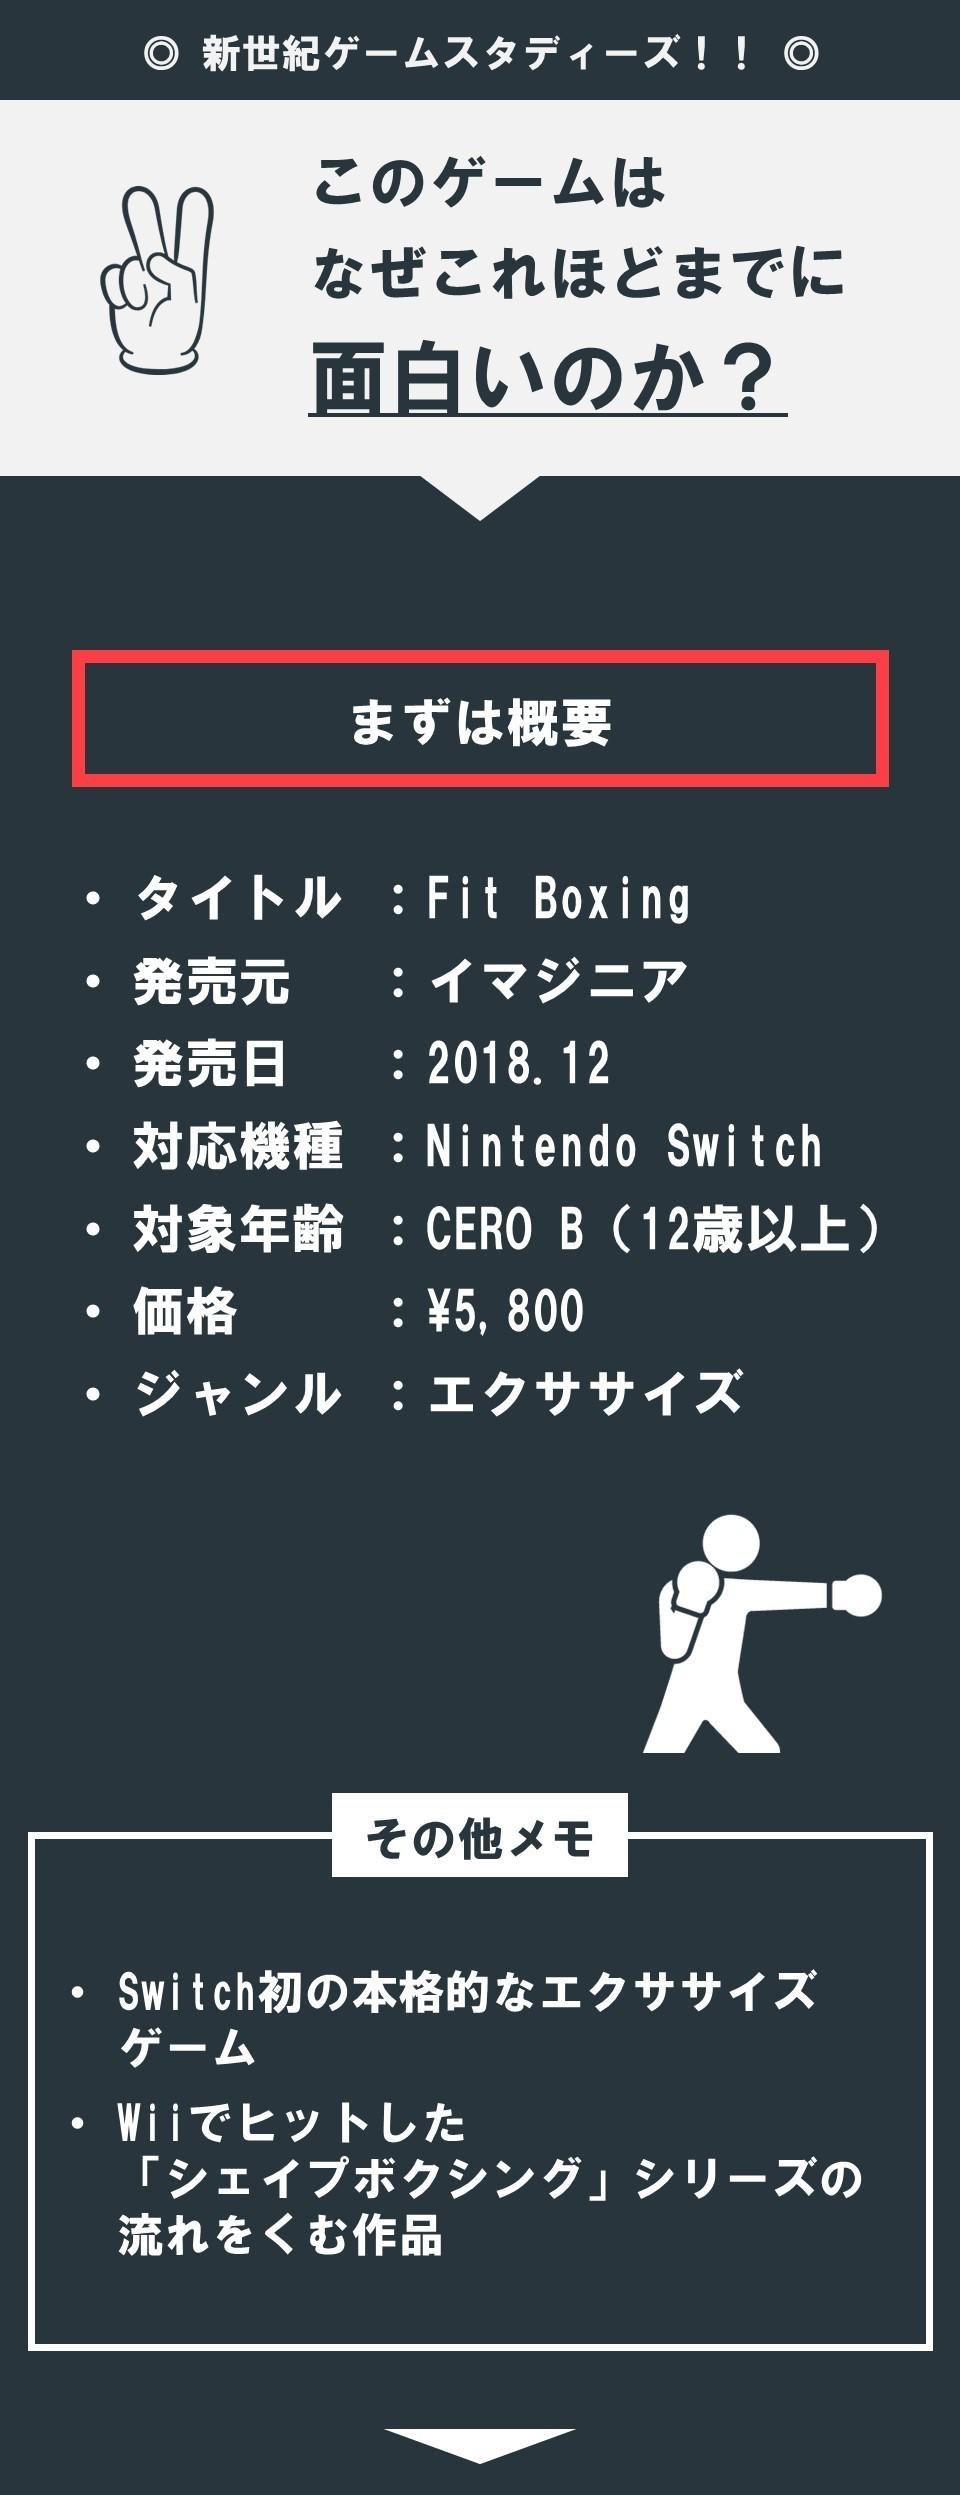 Nintendo Switch】エクササイズゲームで、モチベーションの維持